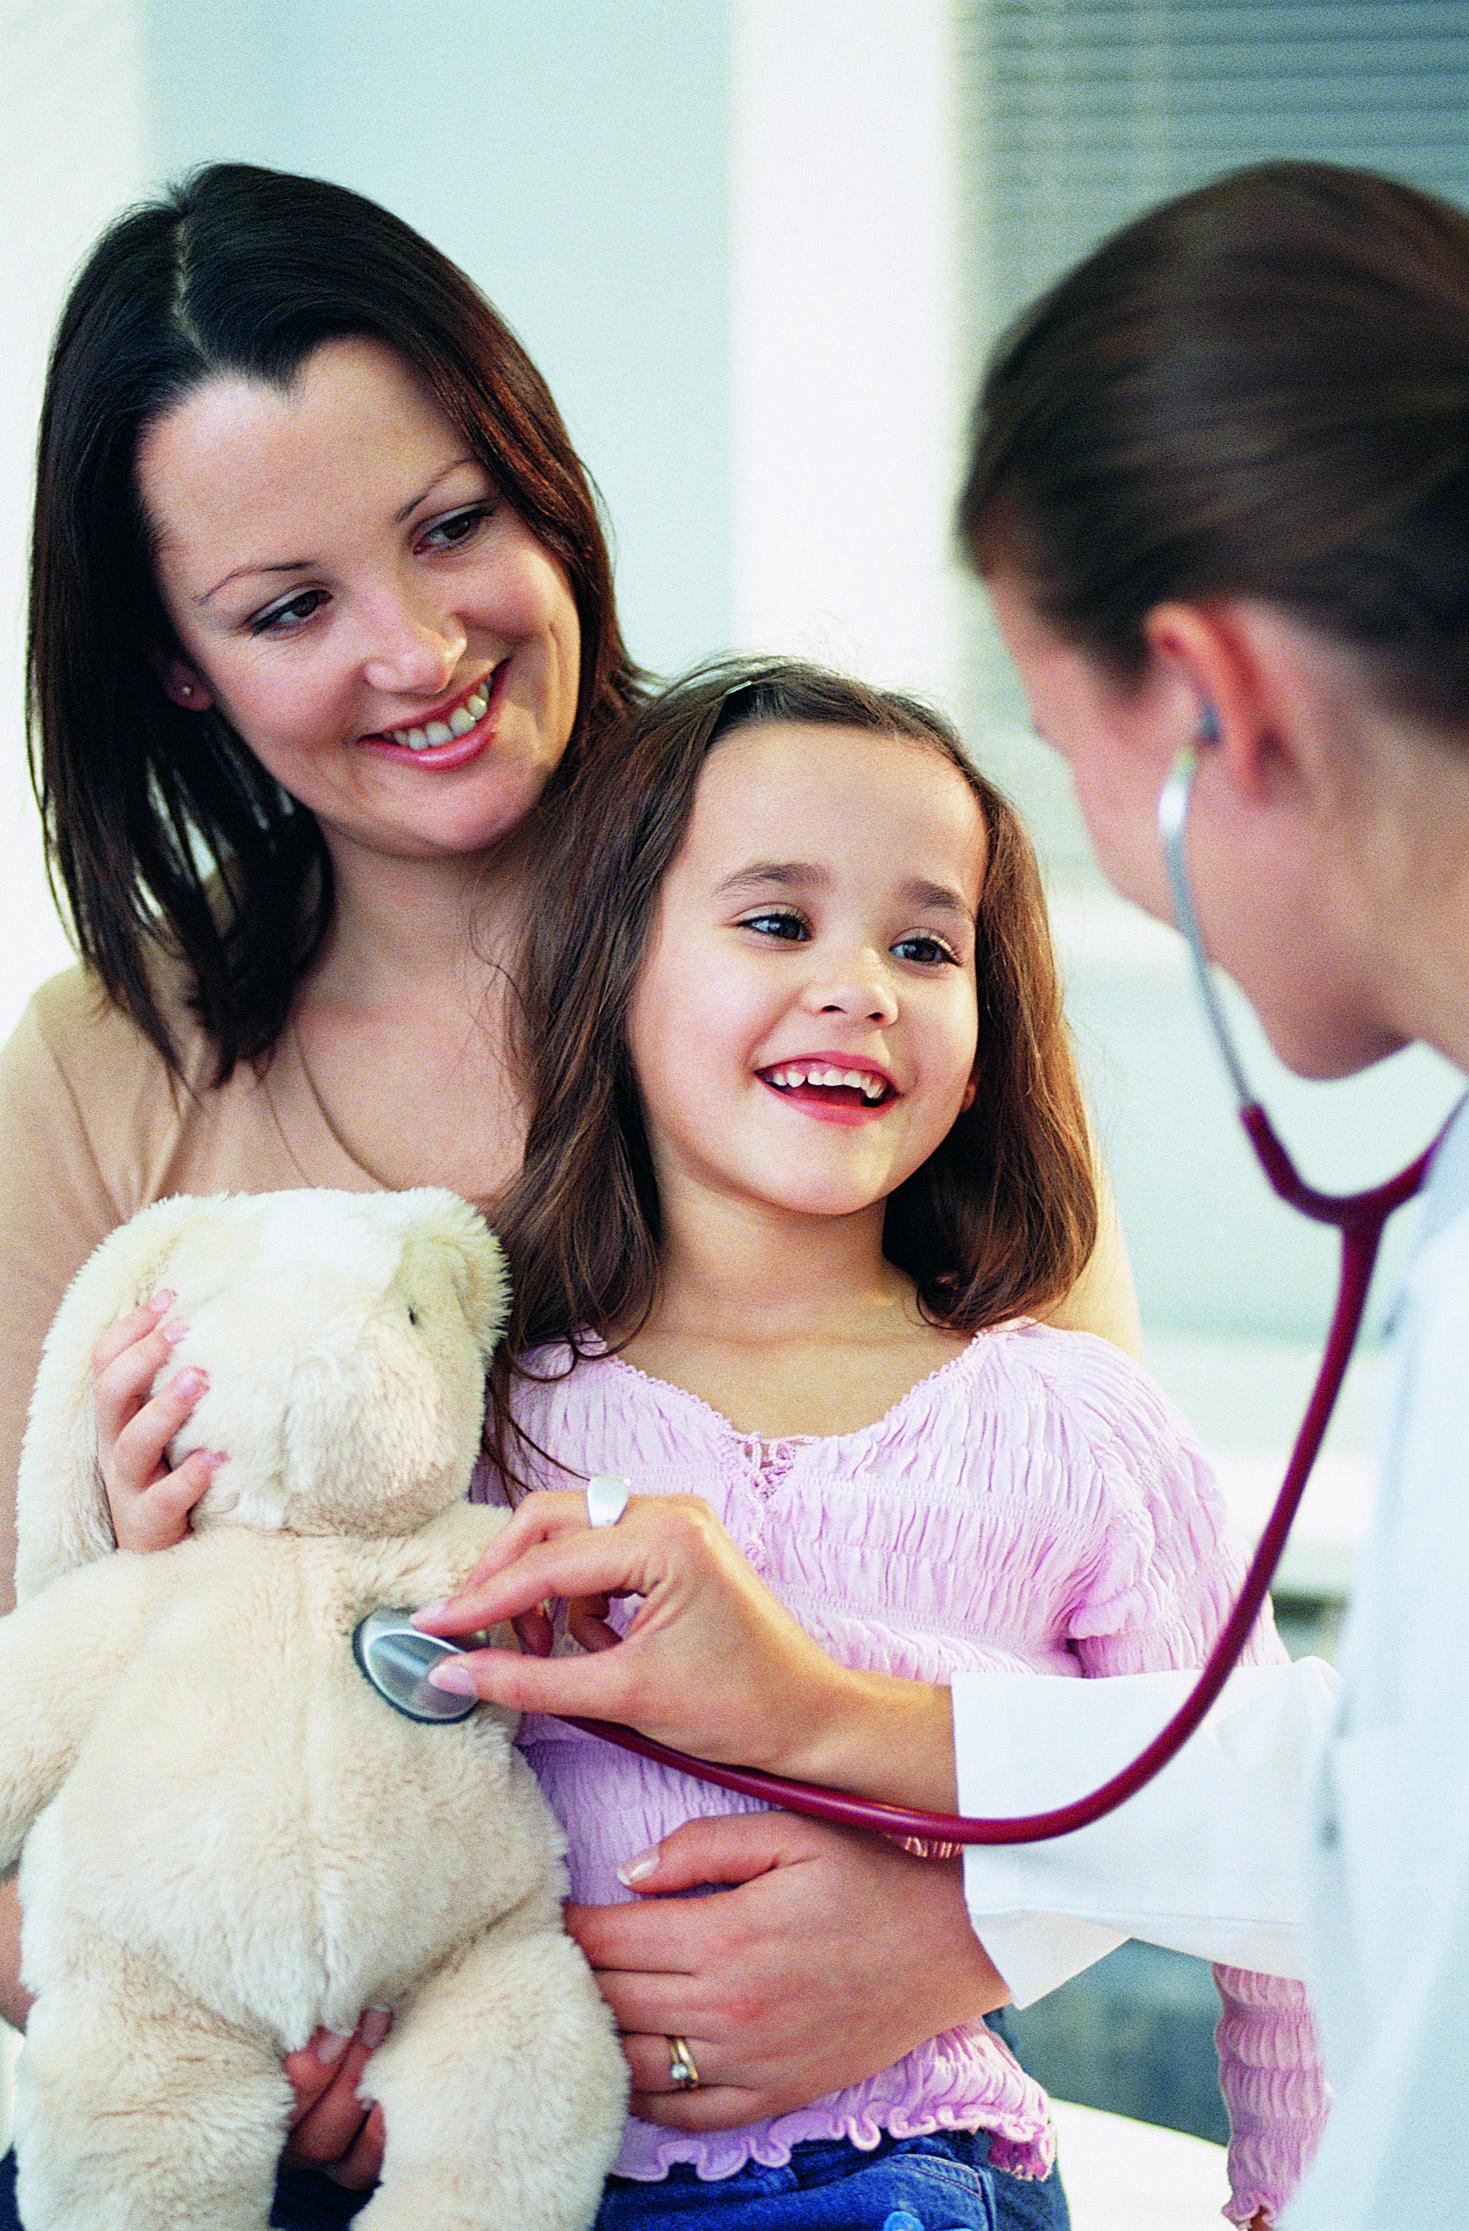 Assicurazione sanitaria Eura Salute Ogni Giorno